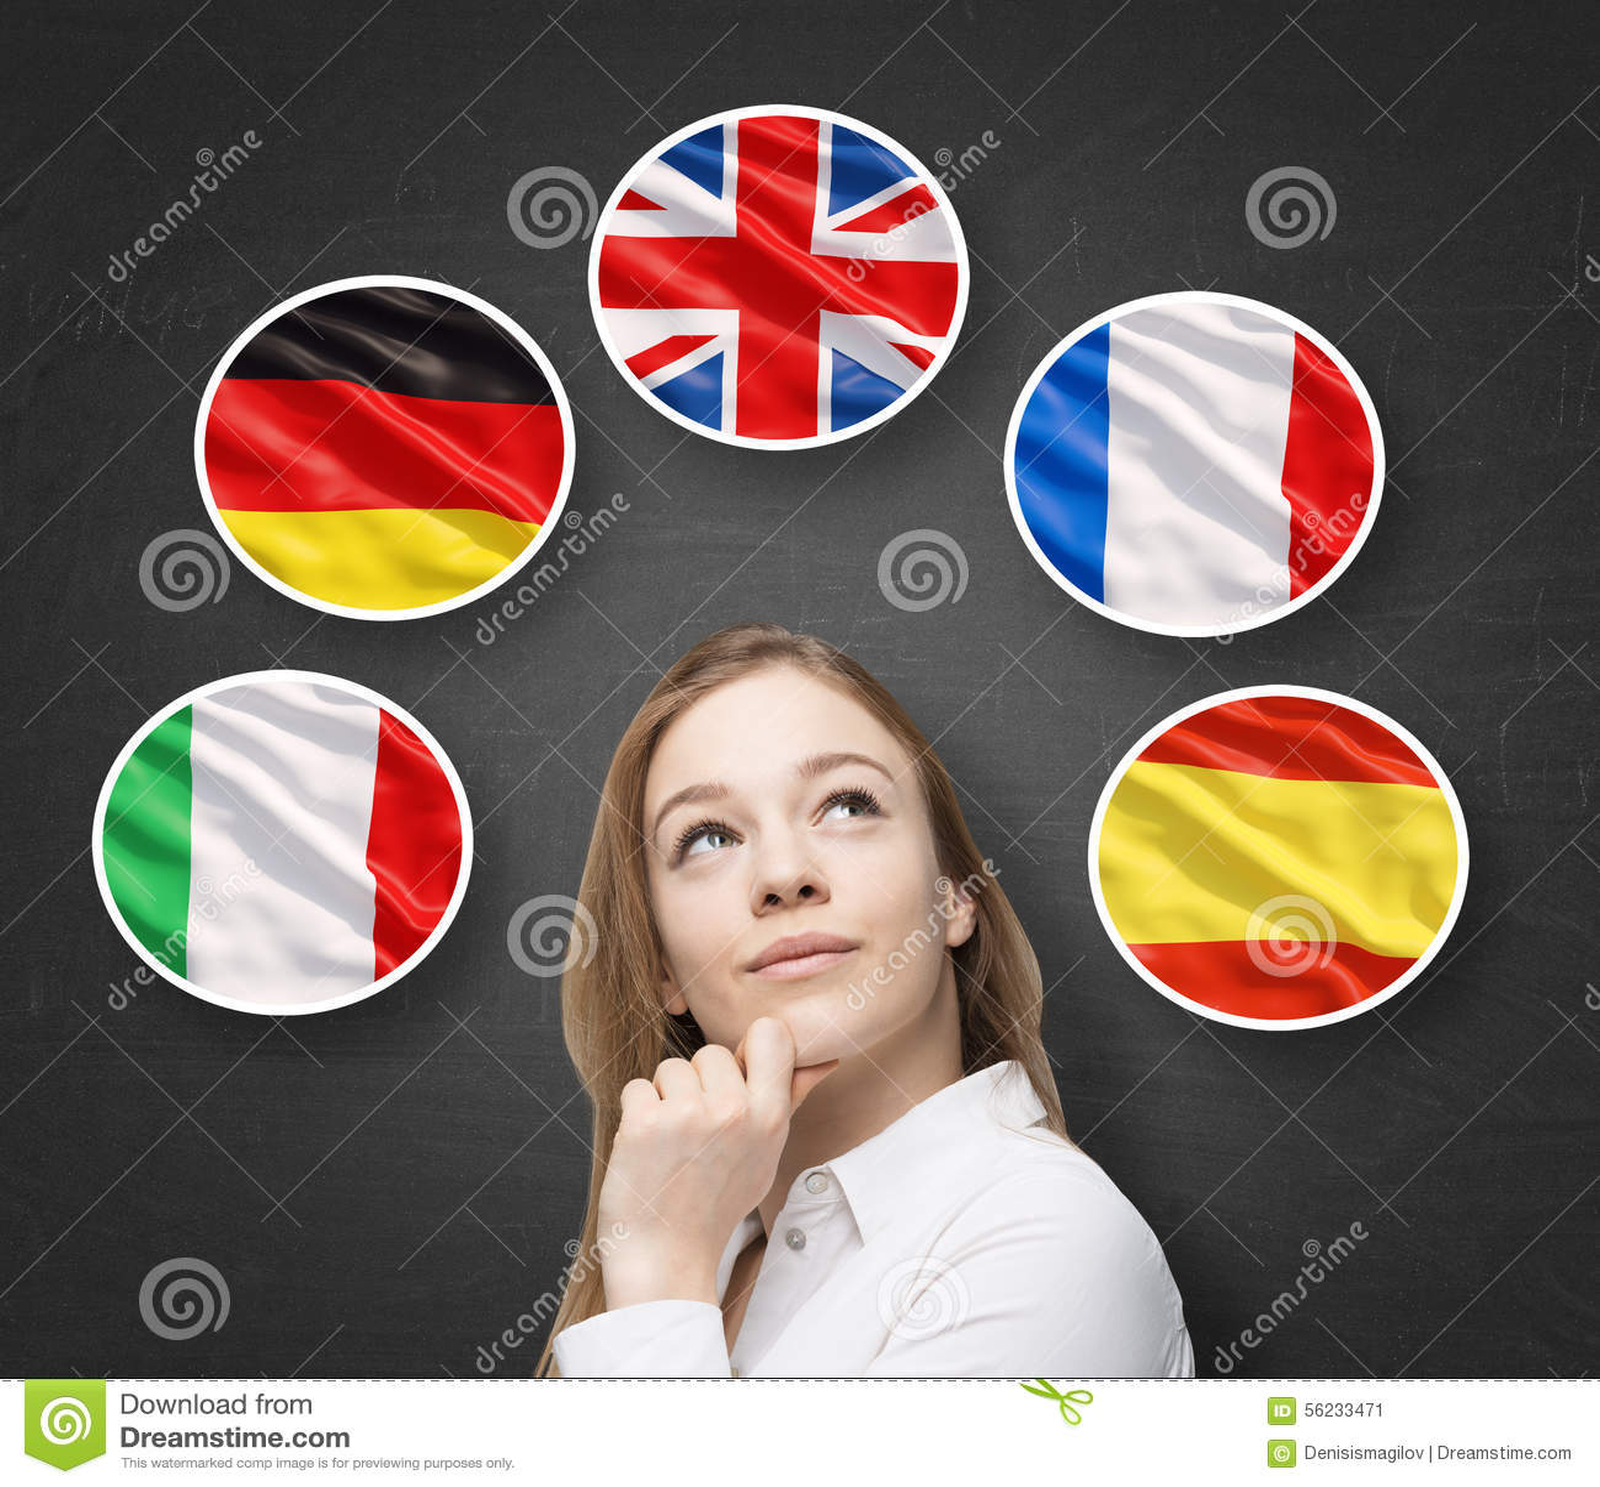 Piękna dama otacza bąblami z kraj europejski flaga włoszczyzna, niemiec (, Wielki Brytania francuz, hiszpańszczyzny,) uczenie